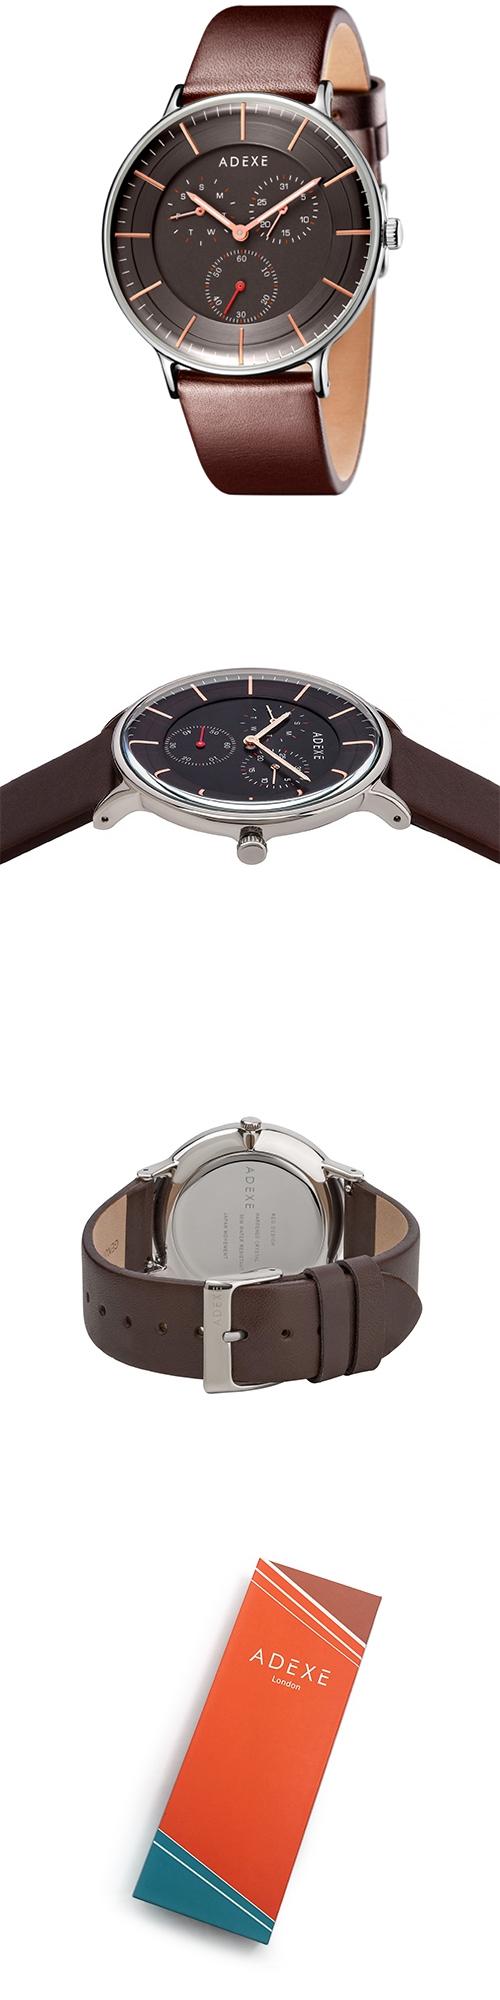 (複製)ADEXE|英國時尚手錶 THEY三眼系列 黑錶盤x銀錶框棕色壓紋皮革錶帶41mm 1868A-04